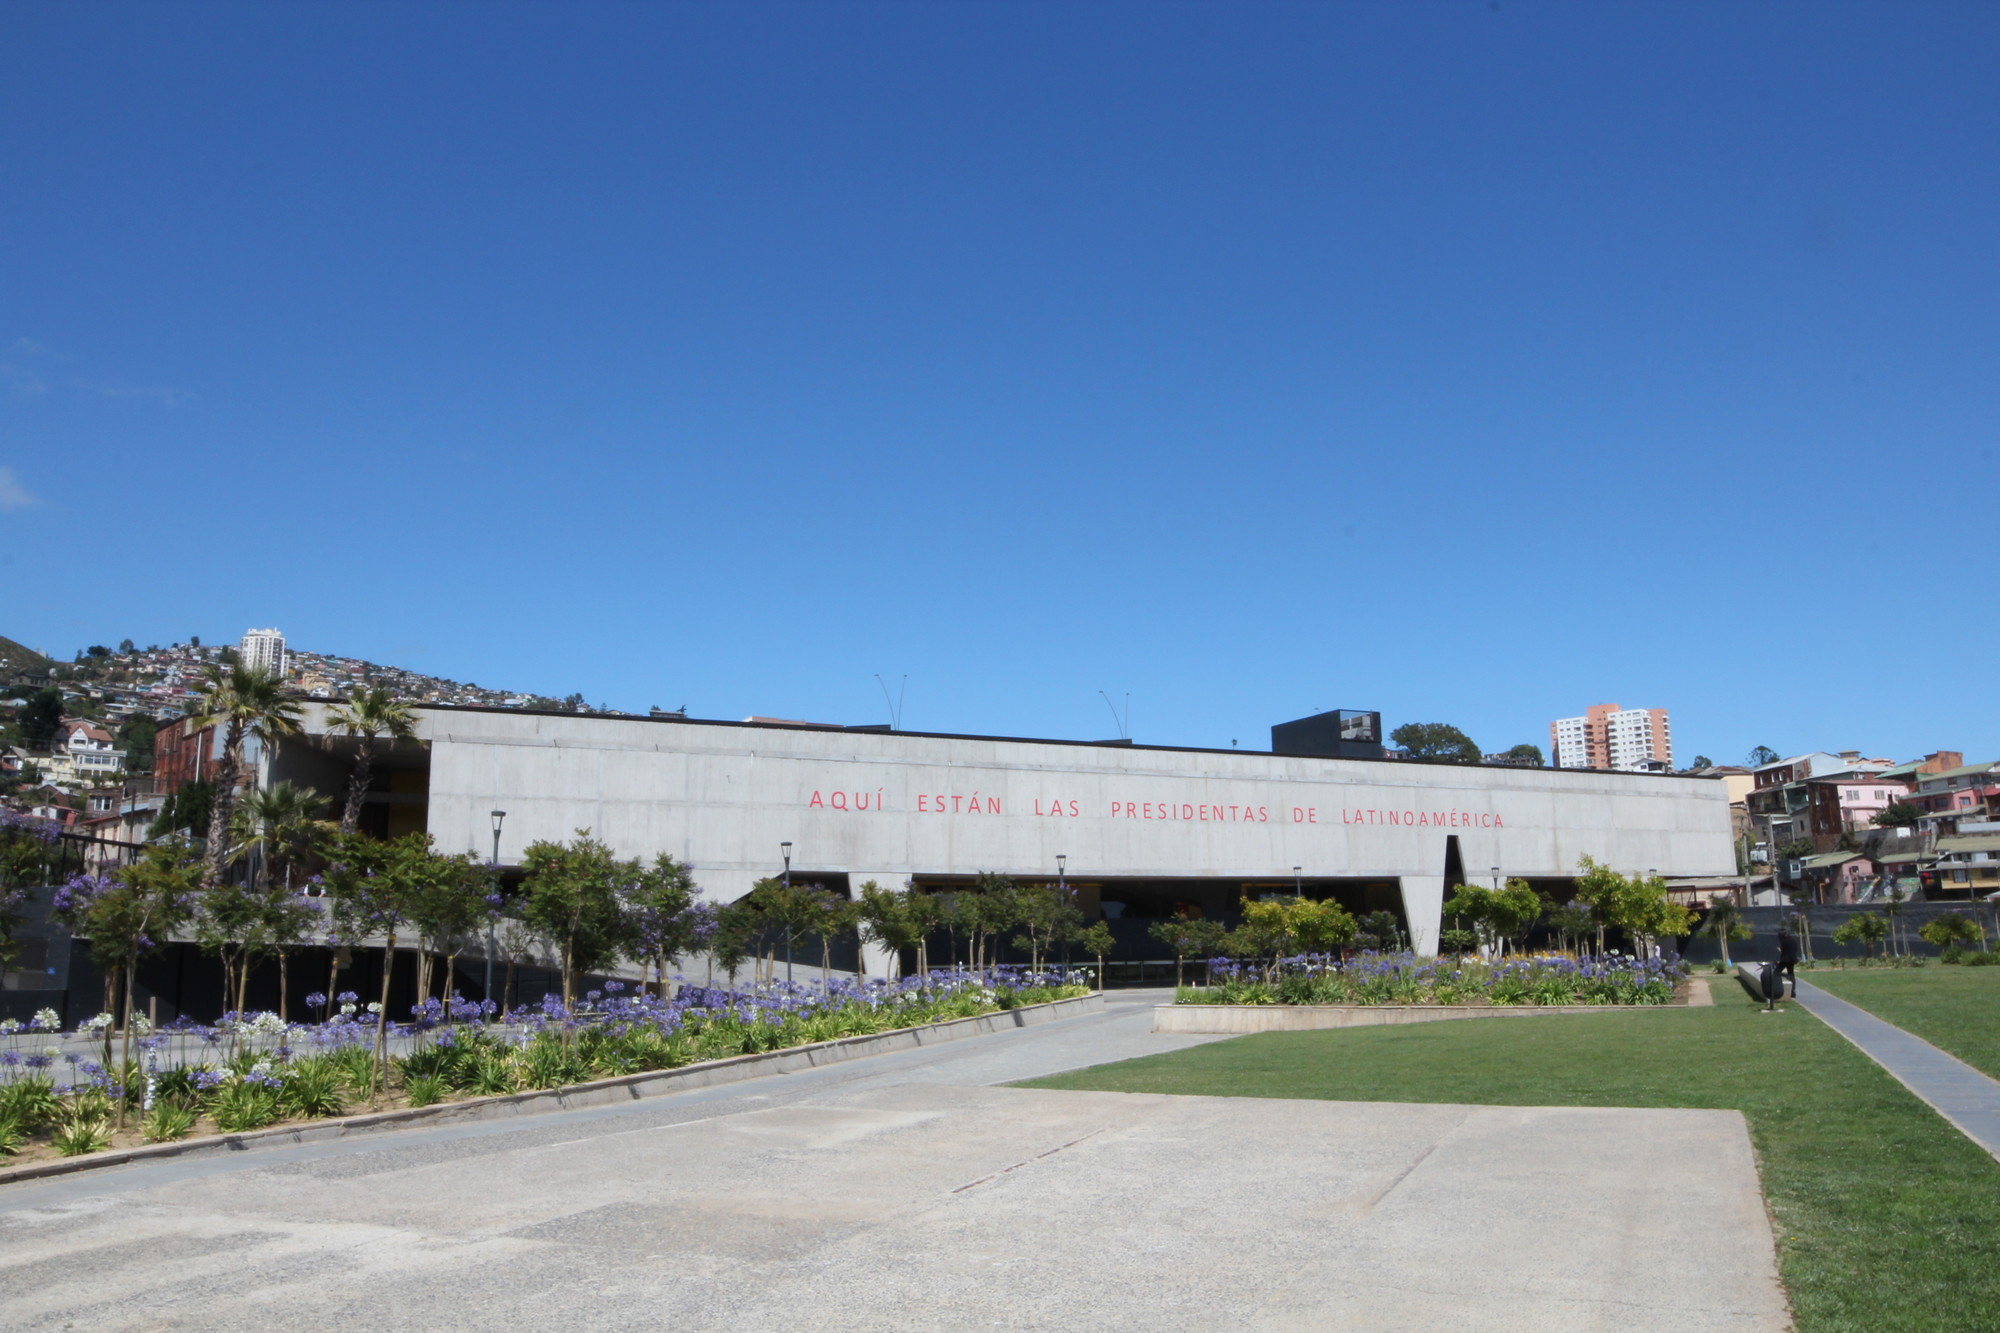 Chile: Anuncian en Valparaíso el programa de XIX Bienal de Arquitectura, la primera fuera de Santiago, Parque Cultural Valparaíso. Image © Nicolás Valencia